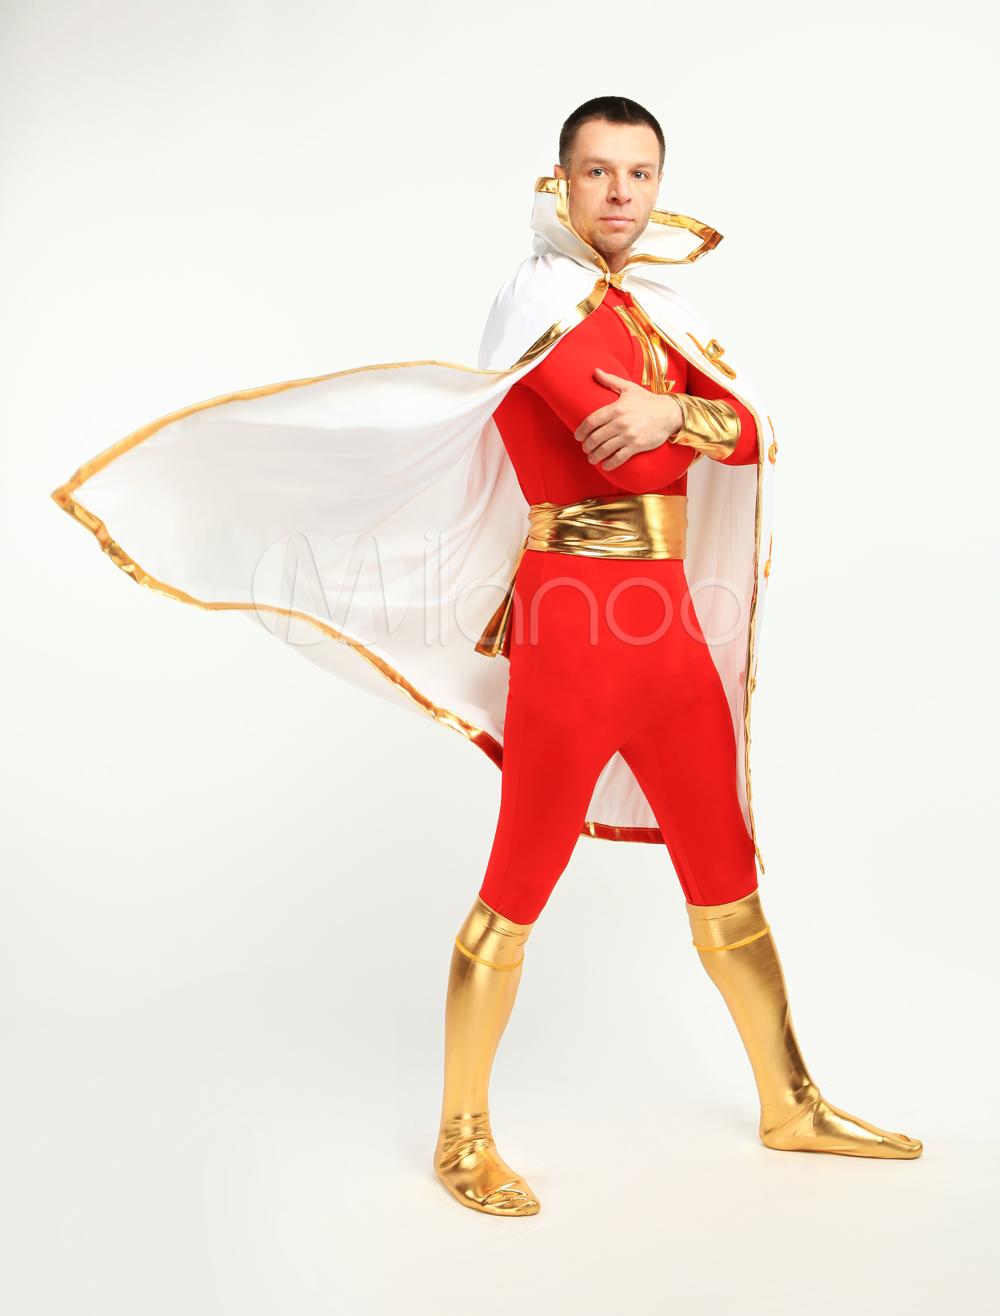 Halloween Red Lycra Spandex Lightning Zentai Suit Halloween